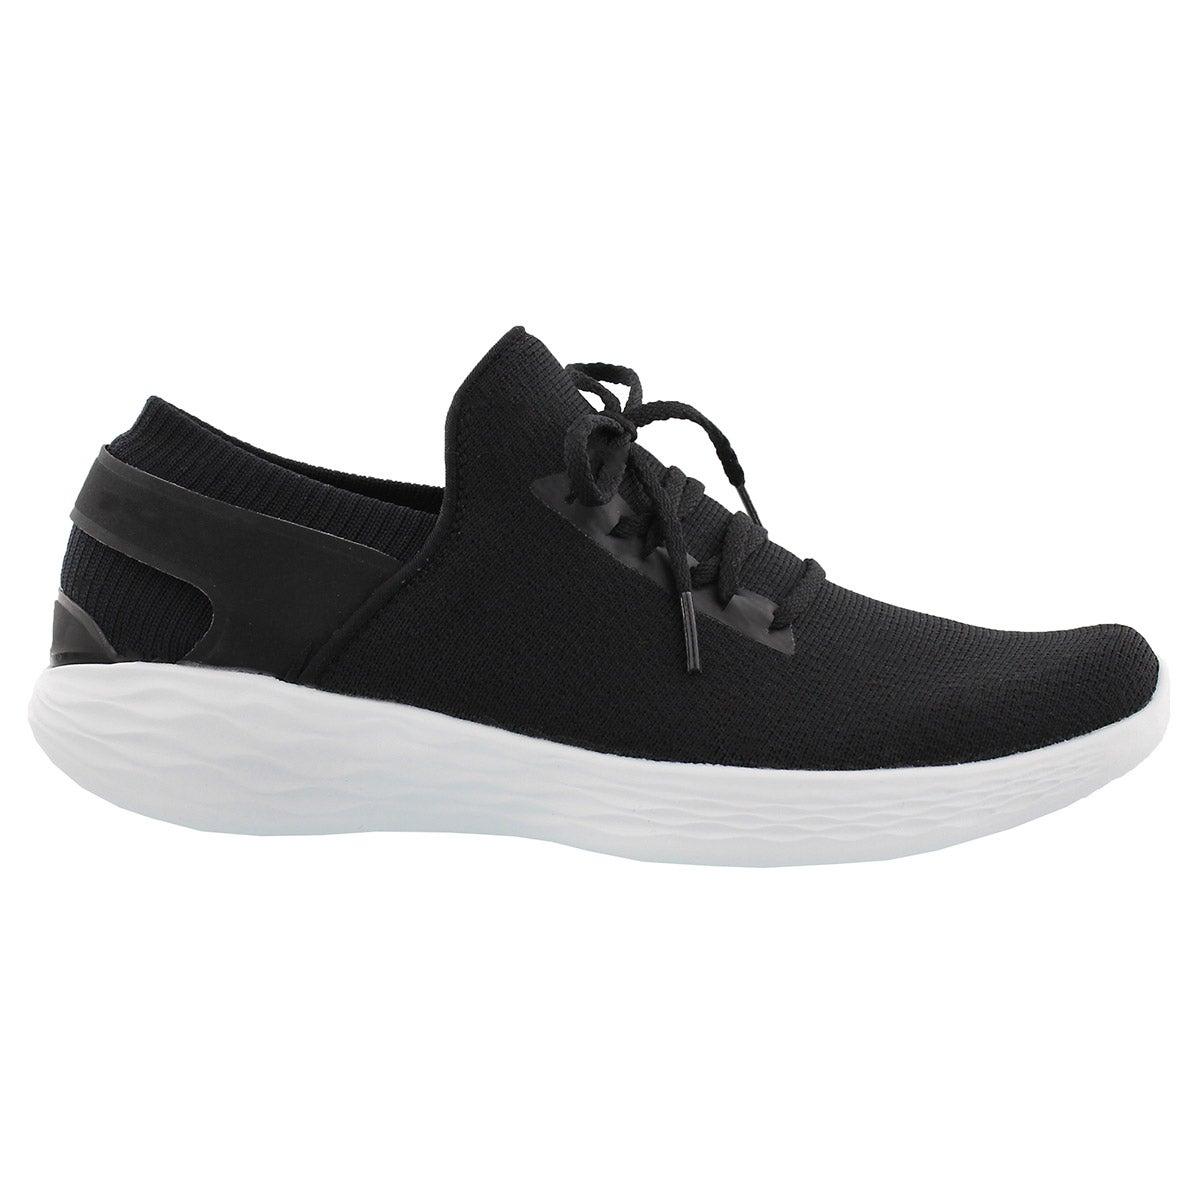 Lds You Inspire blk/wht slip on sneaker